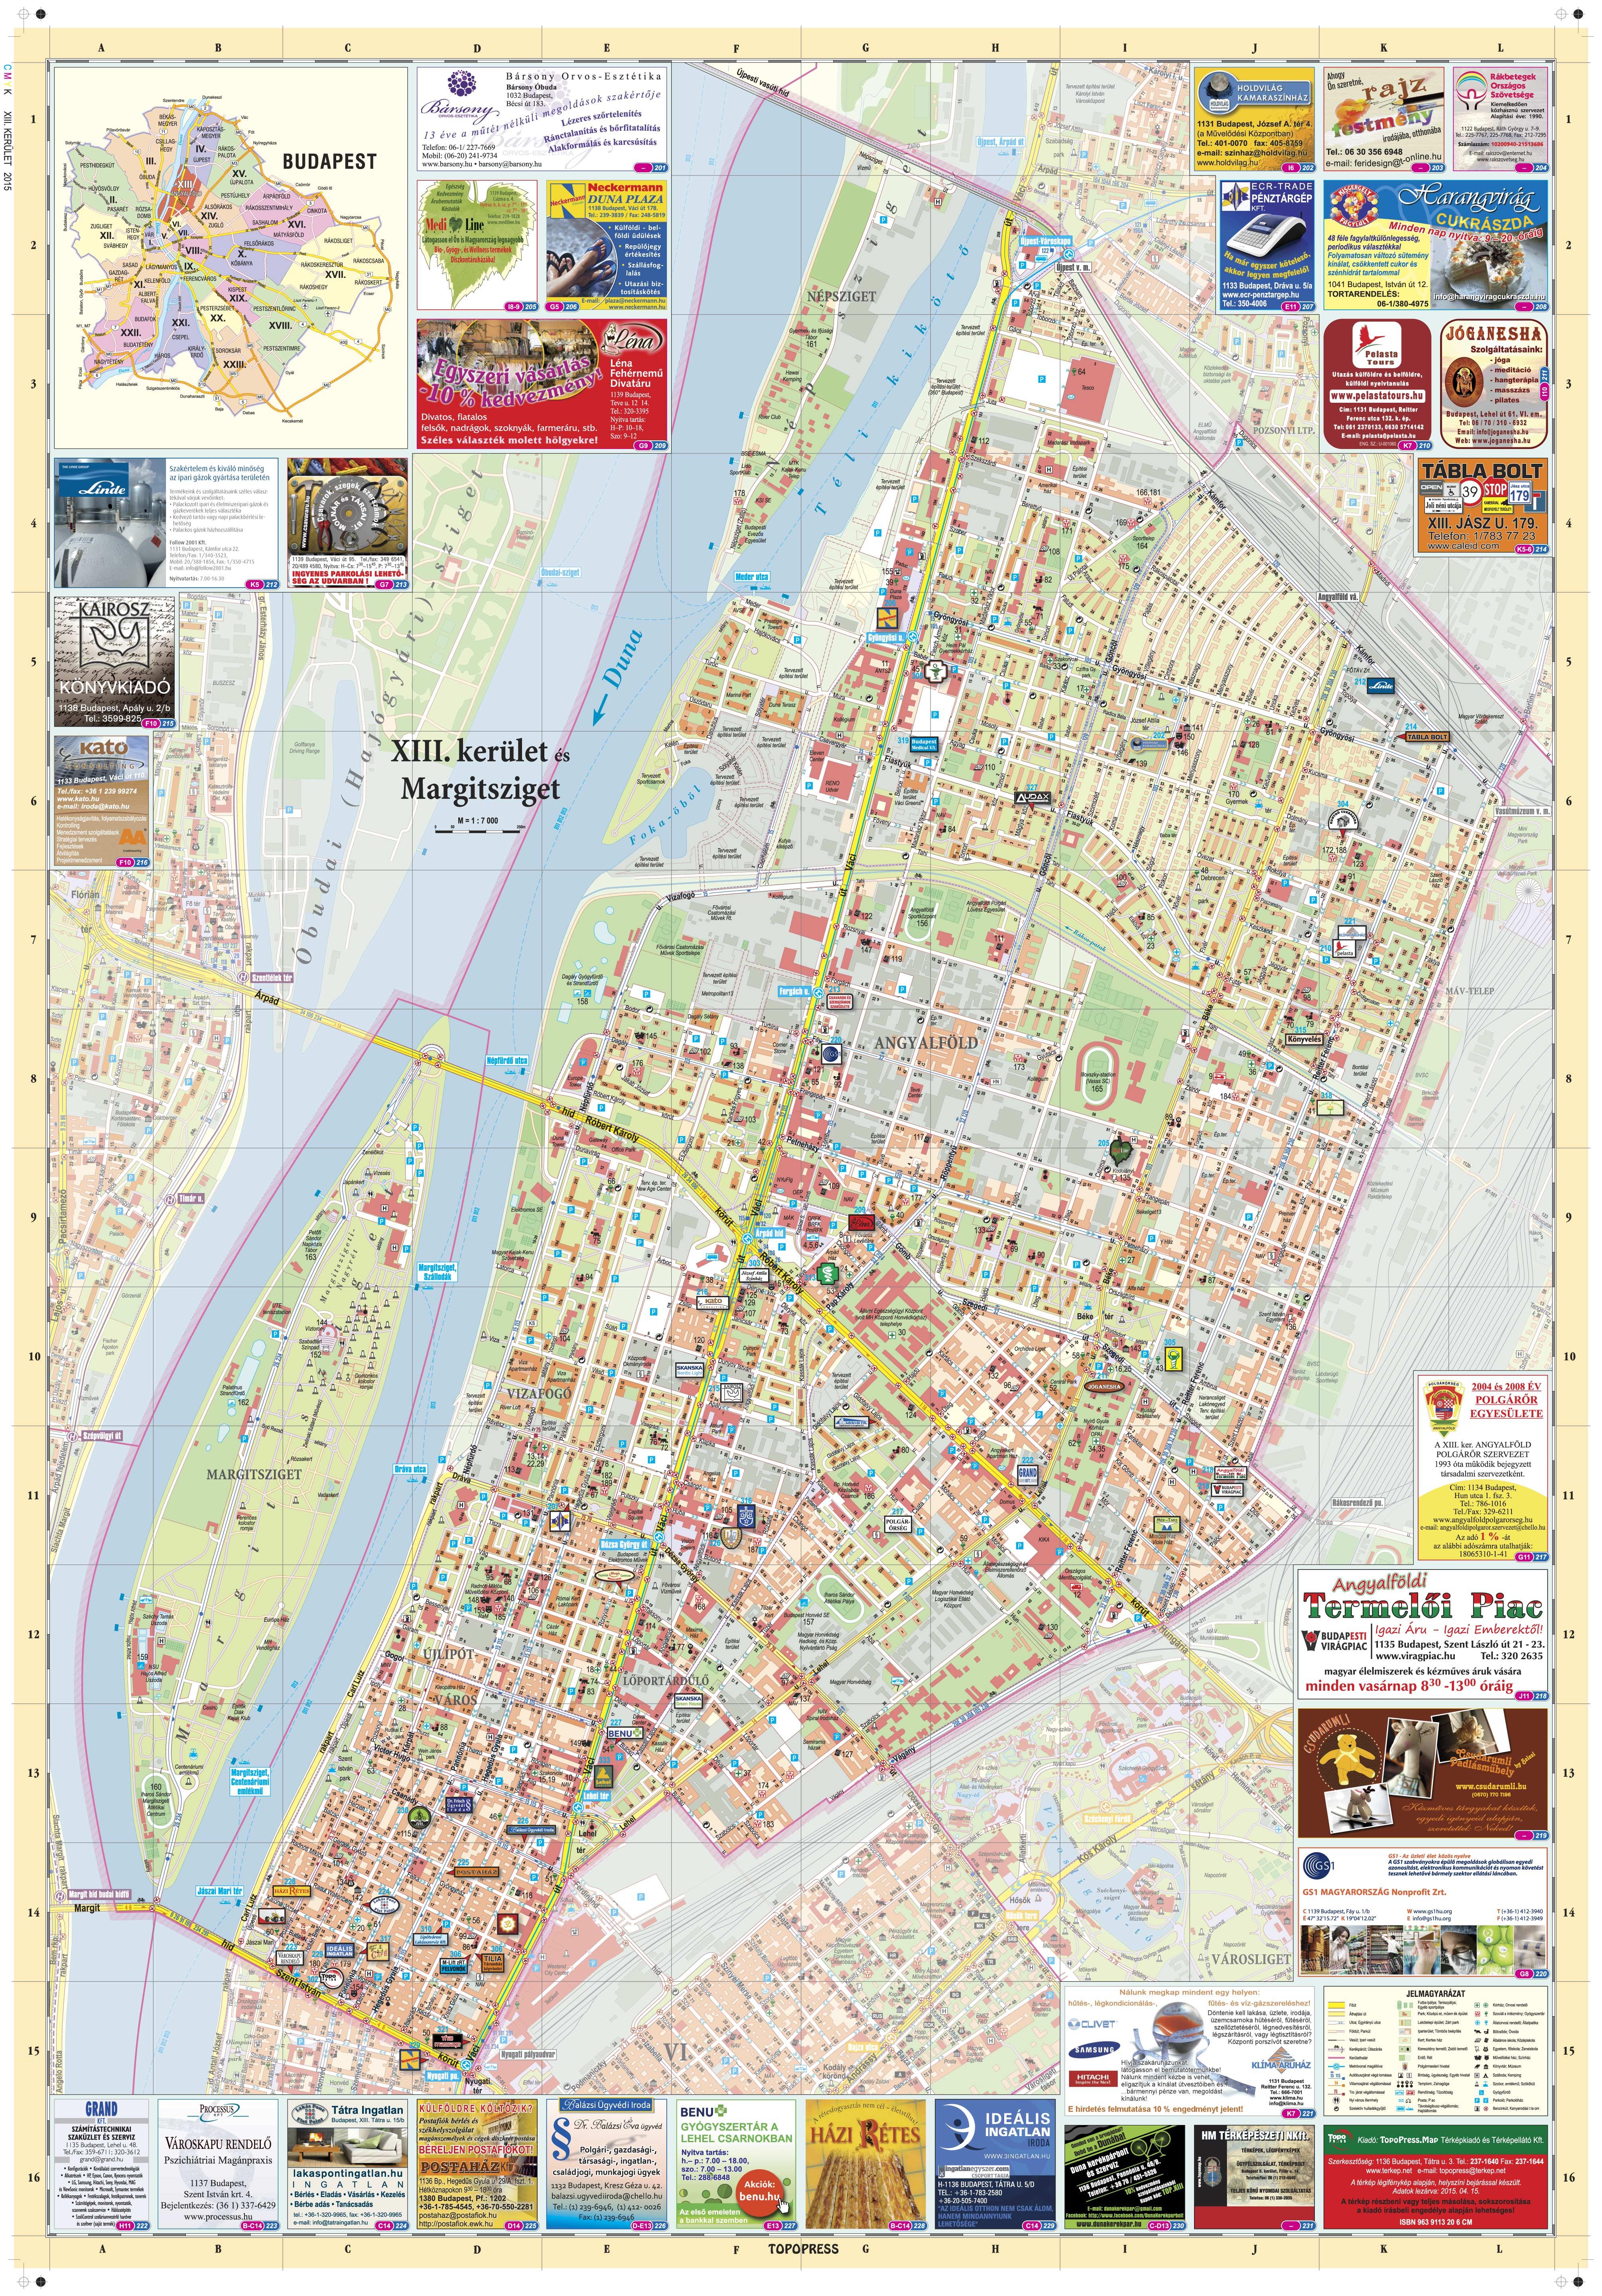 budapest xiii térkép TÉRKÉP, várostérkép, kerülettérkép, horgásztérkép, cégkereső budapest xiii térkép